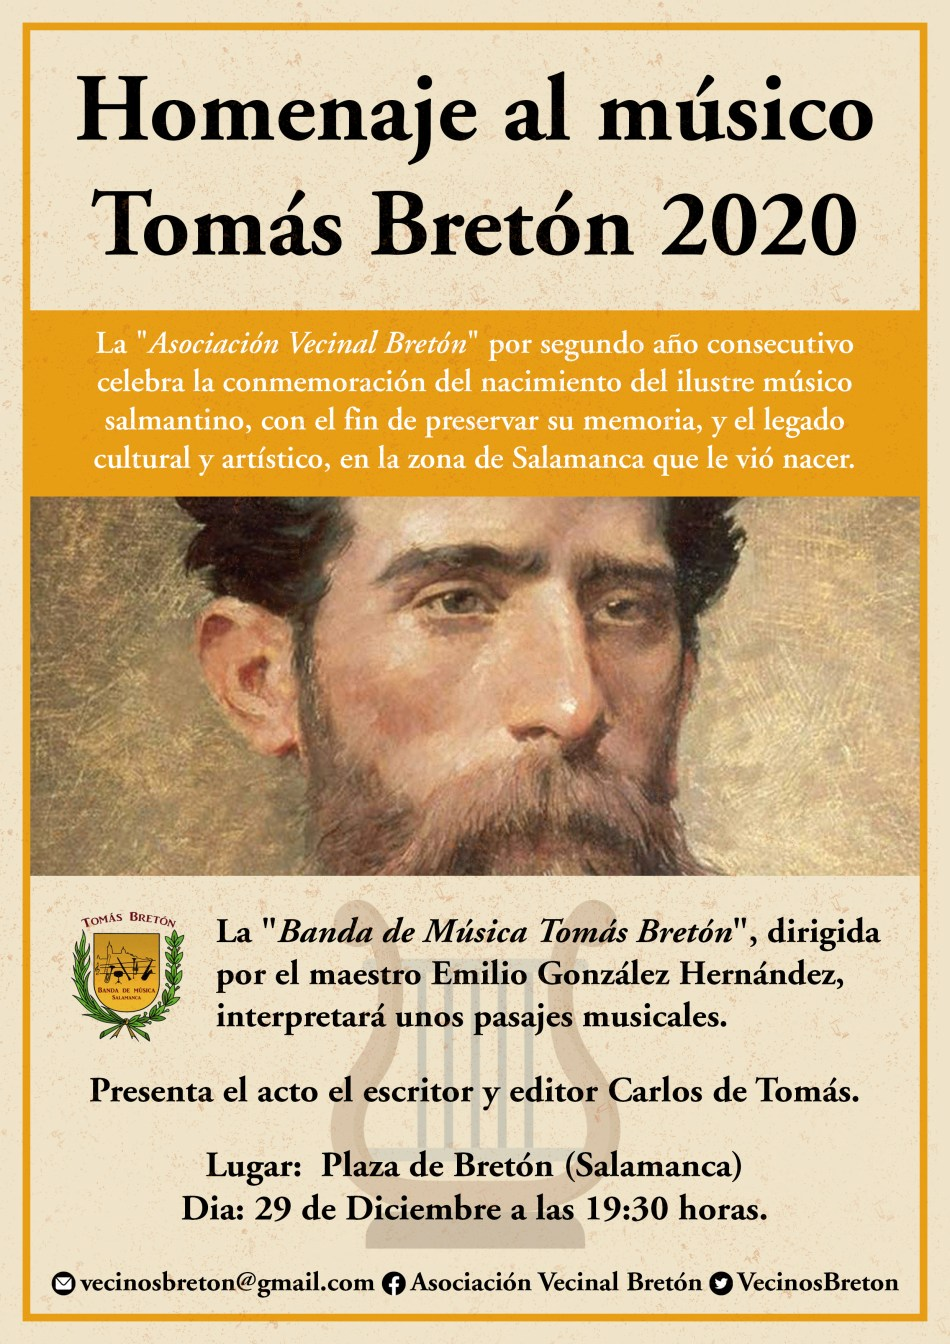 Homenaje Tomás Bretón 2020 Salamanca